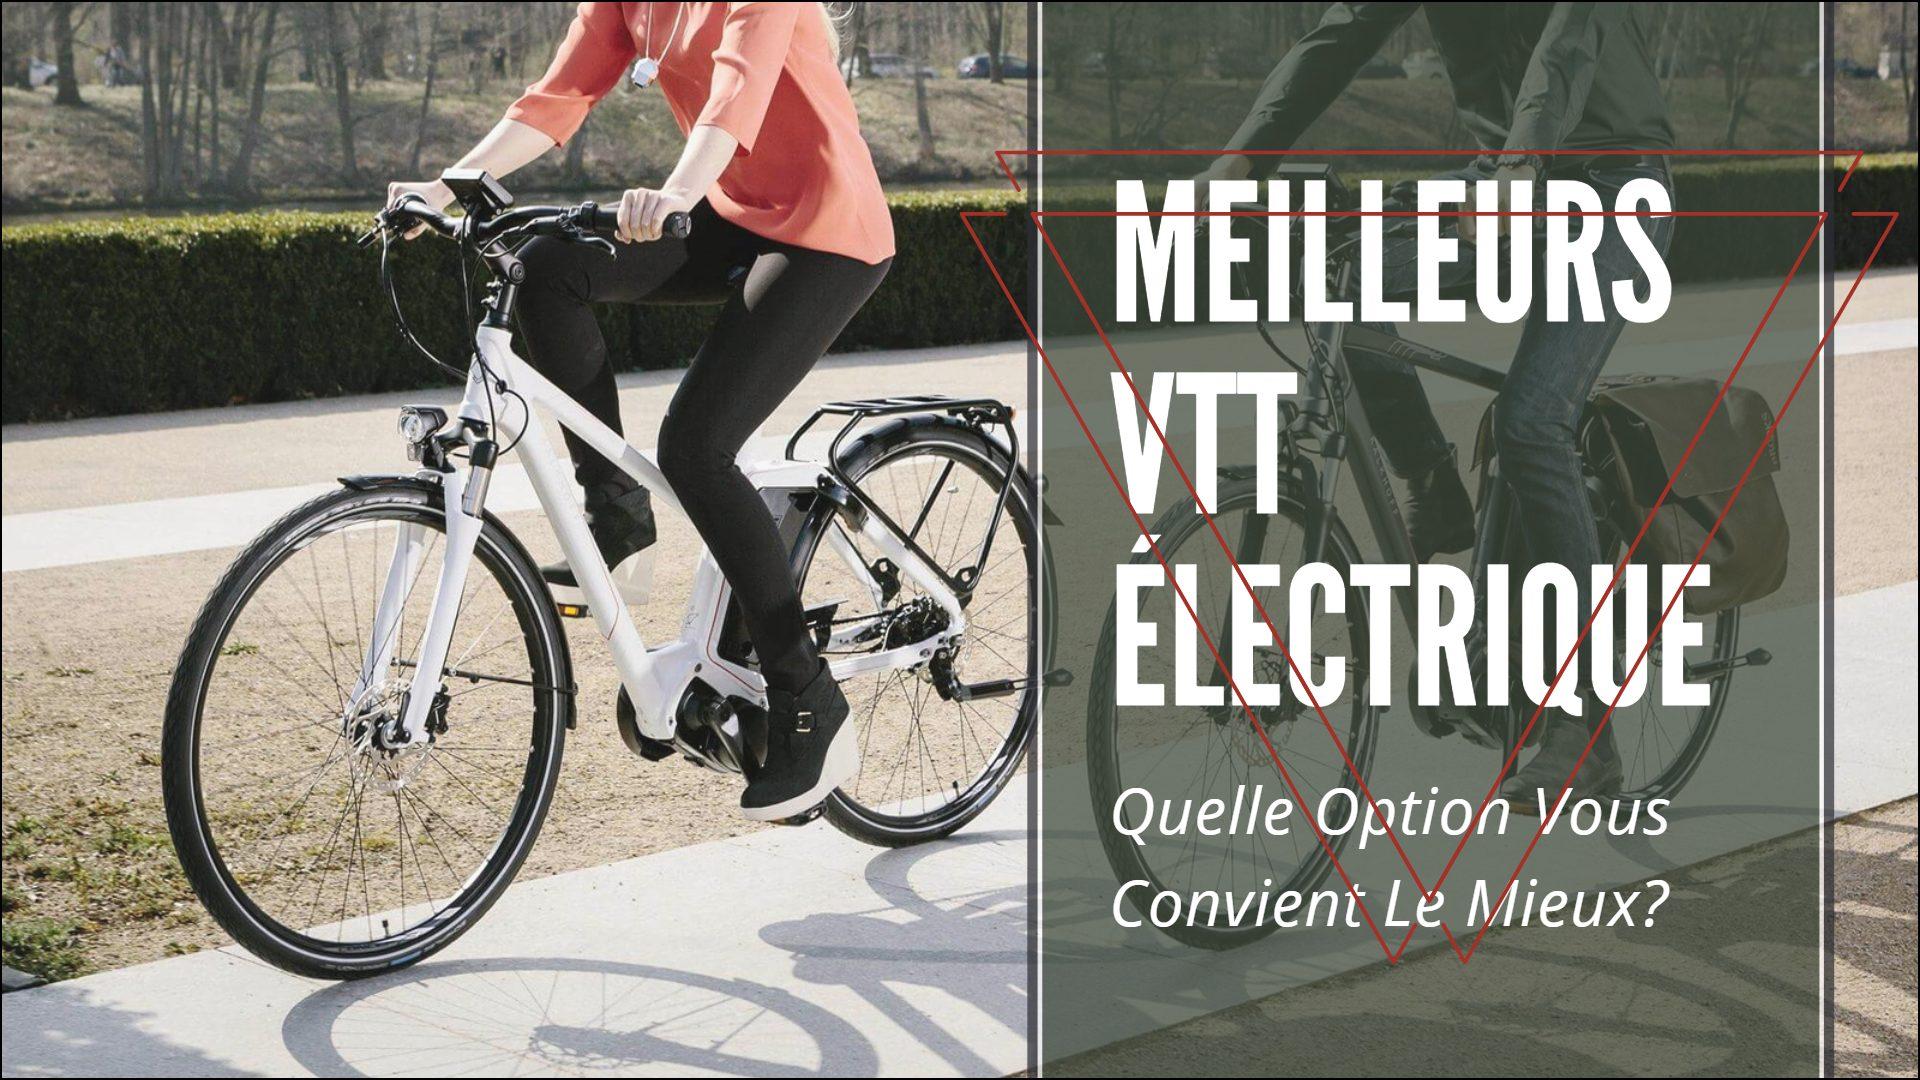 Meilleurs VTT Électrique